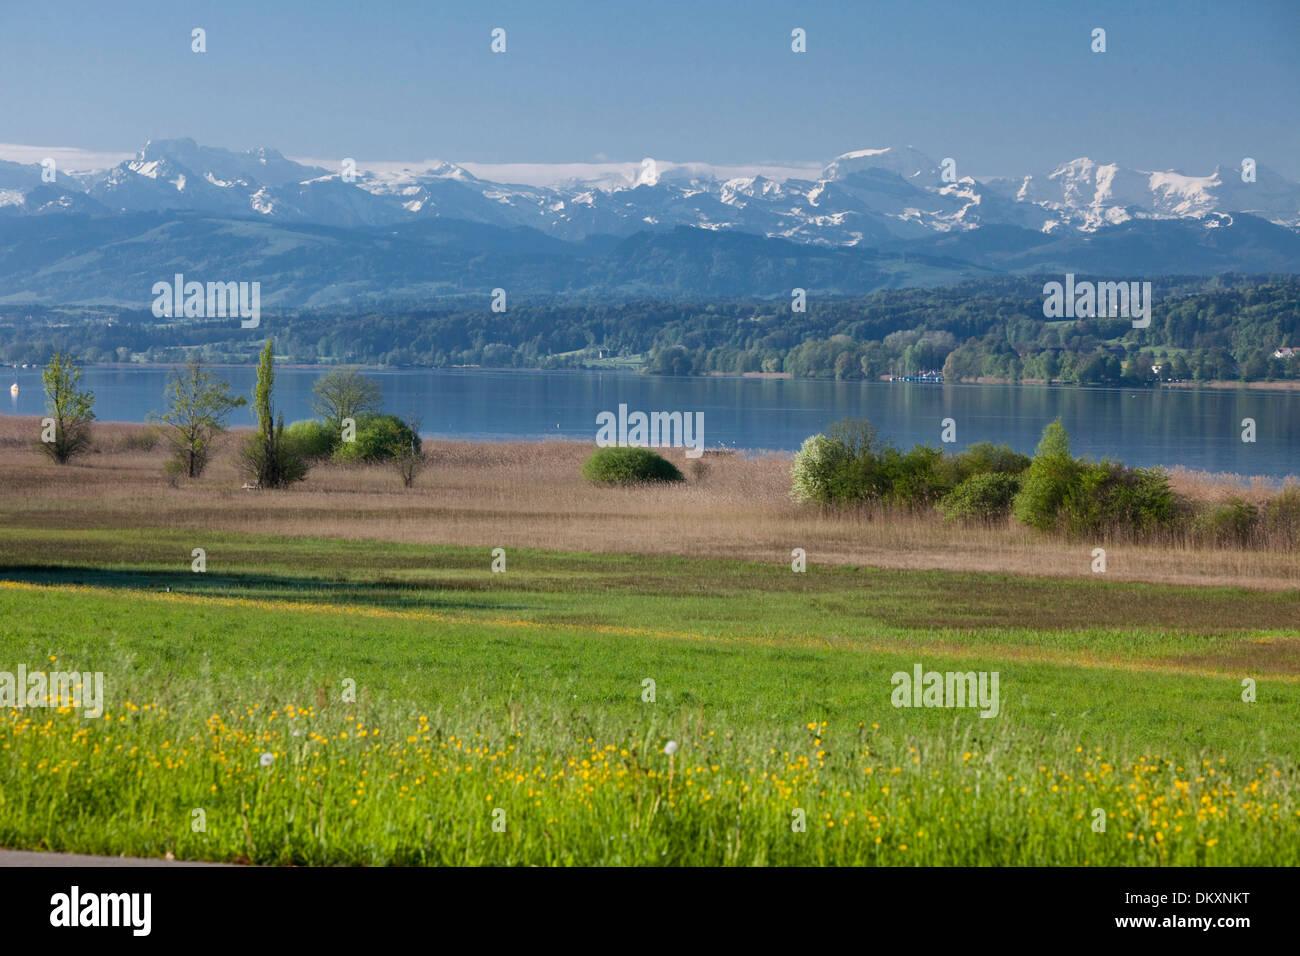 Schweiz, Europa, See, Schiff, Boot, Schiffe, Boote, Alpen, Kanton ZH, Zürich, Frühling, Greifensee, Greifensee, Wiese, Stockbild